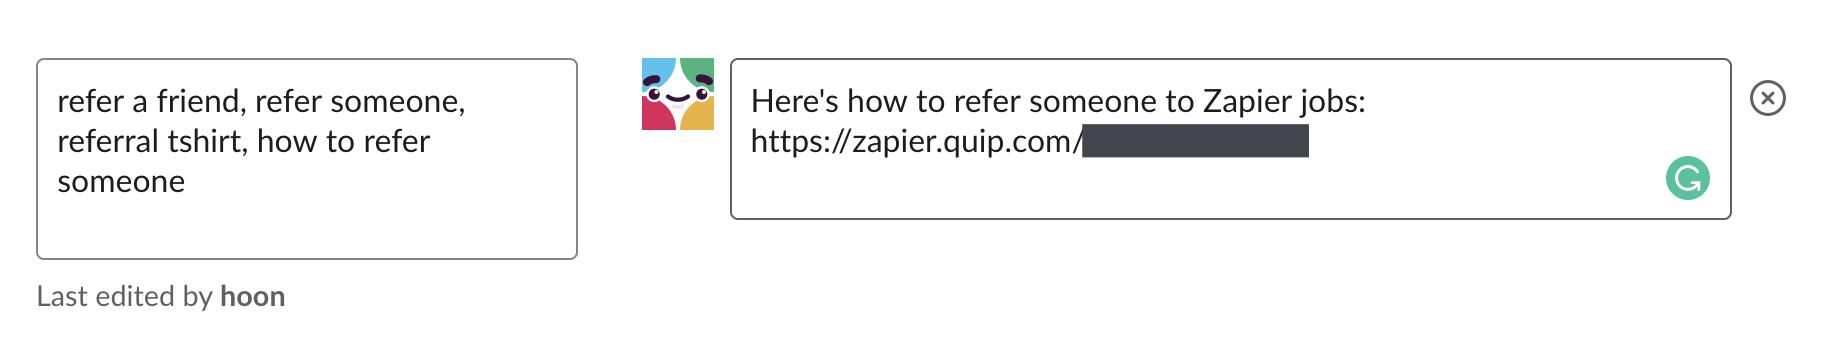 Slackbot response for referrals